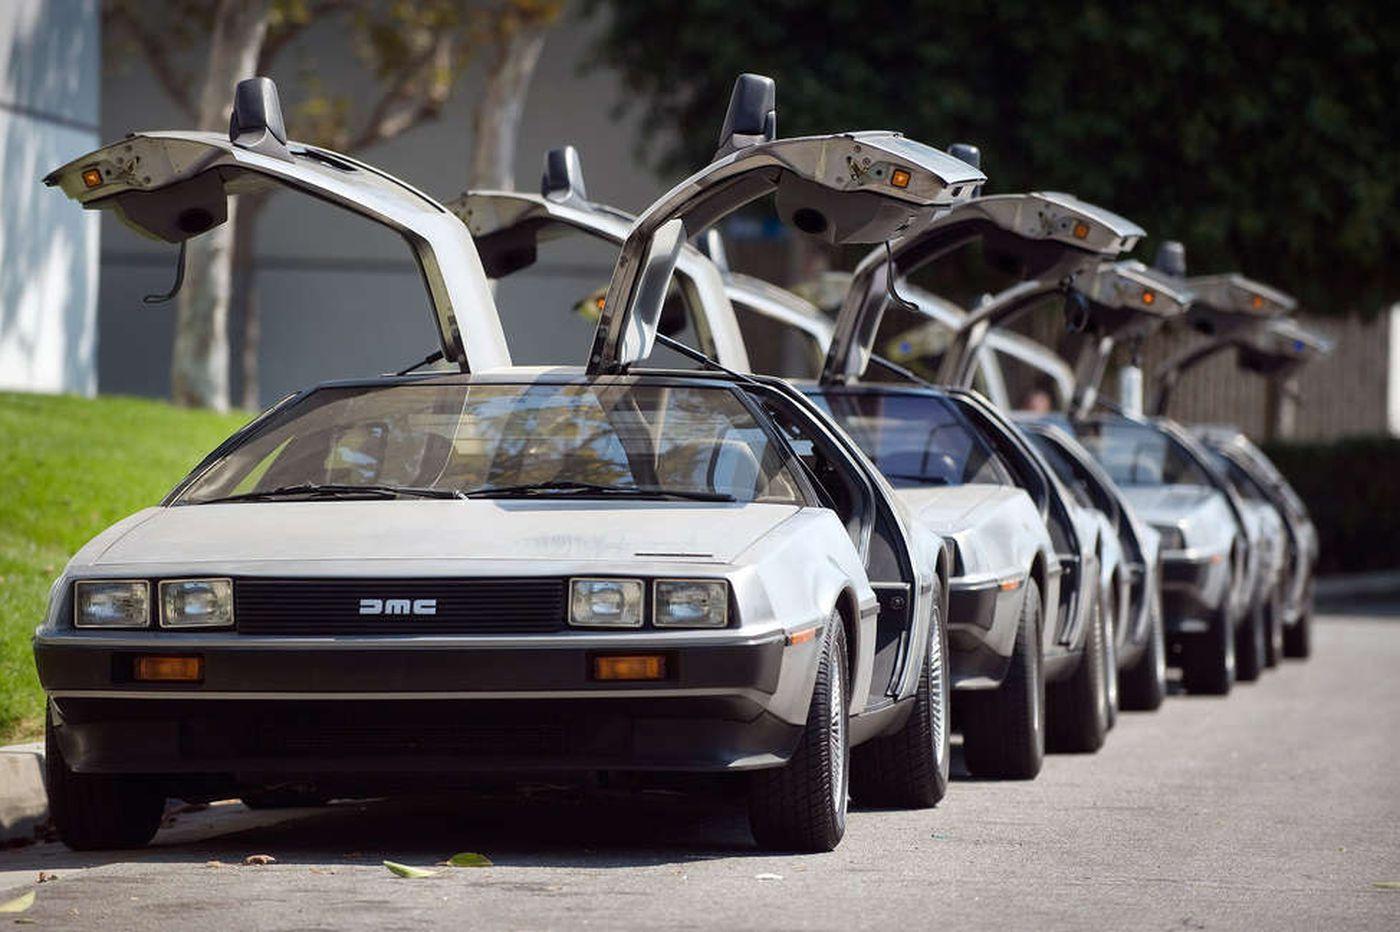 Behind DeLorean's infamy